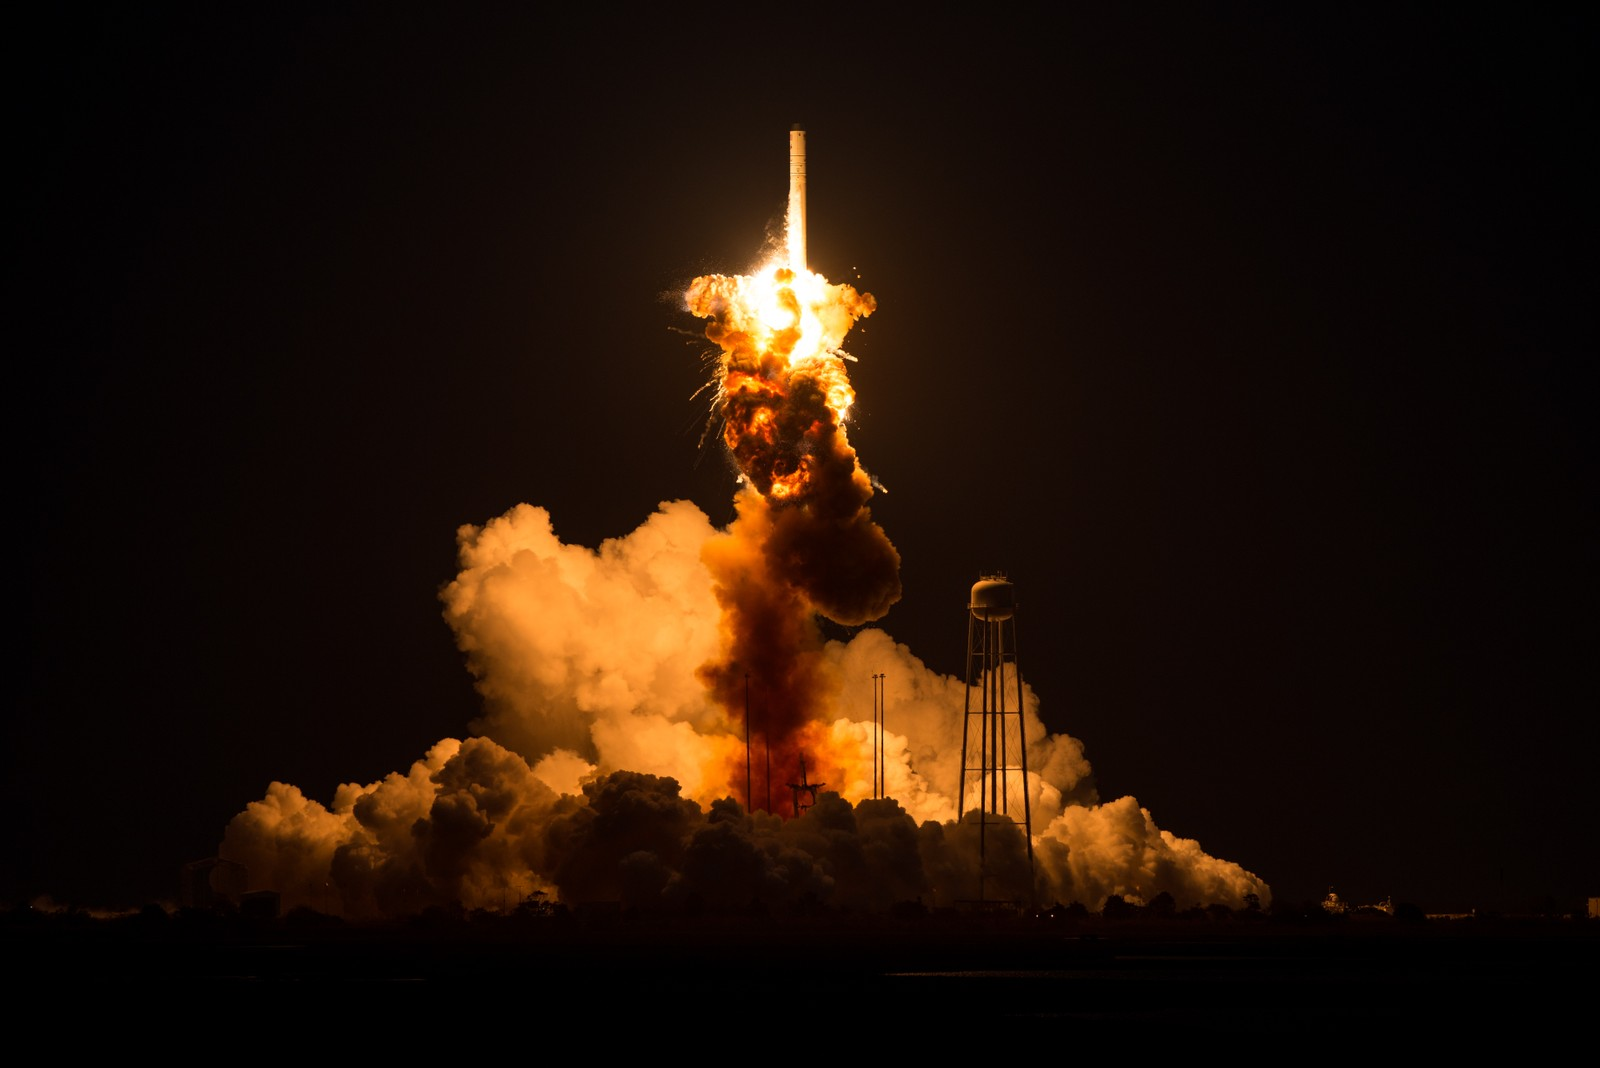 Raketten har fortsatt positiv bevegelse, men hastigheten er sterkt redusert. Den ukontrollerte forbrenningen fortsetter. En meget hurtig strøm av mørkere gass blir skutt nedover mot bakken, noe som tyder på at en trykksatt tank med flytende oksygen har punktert.